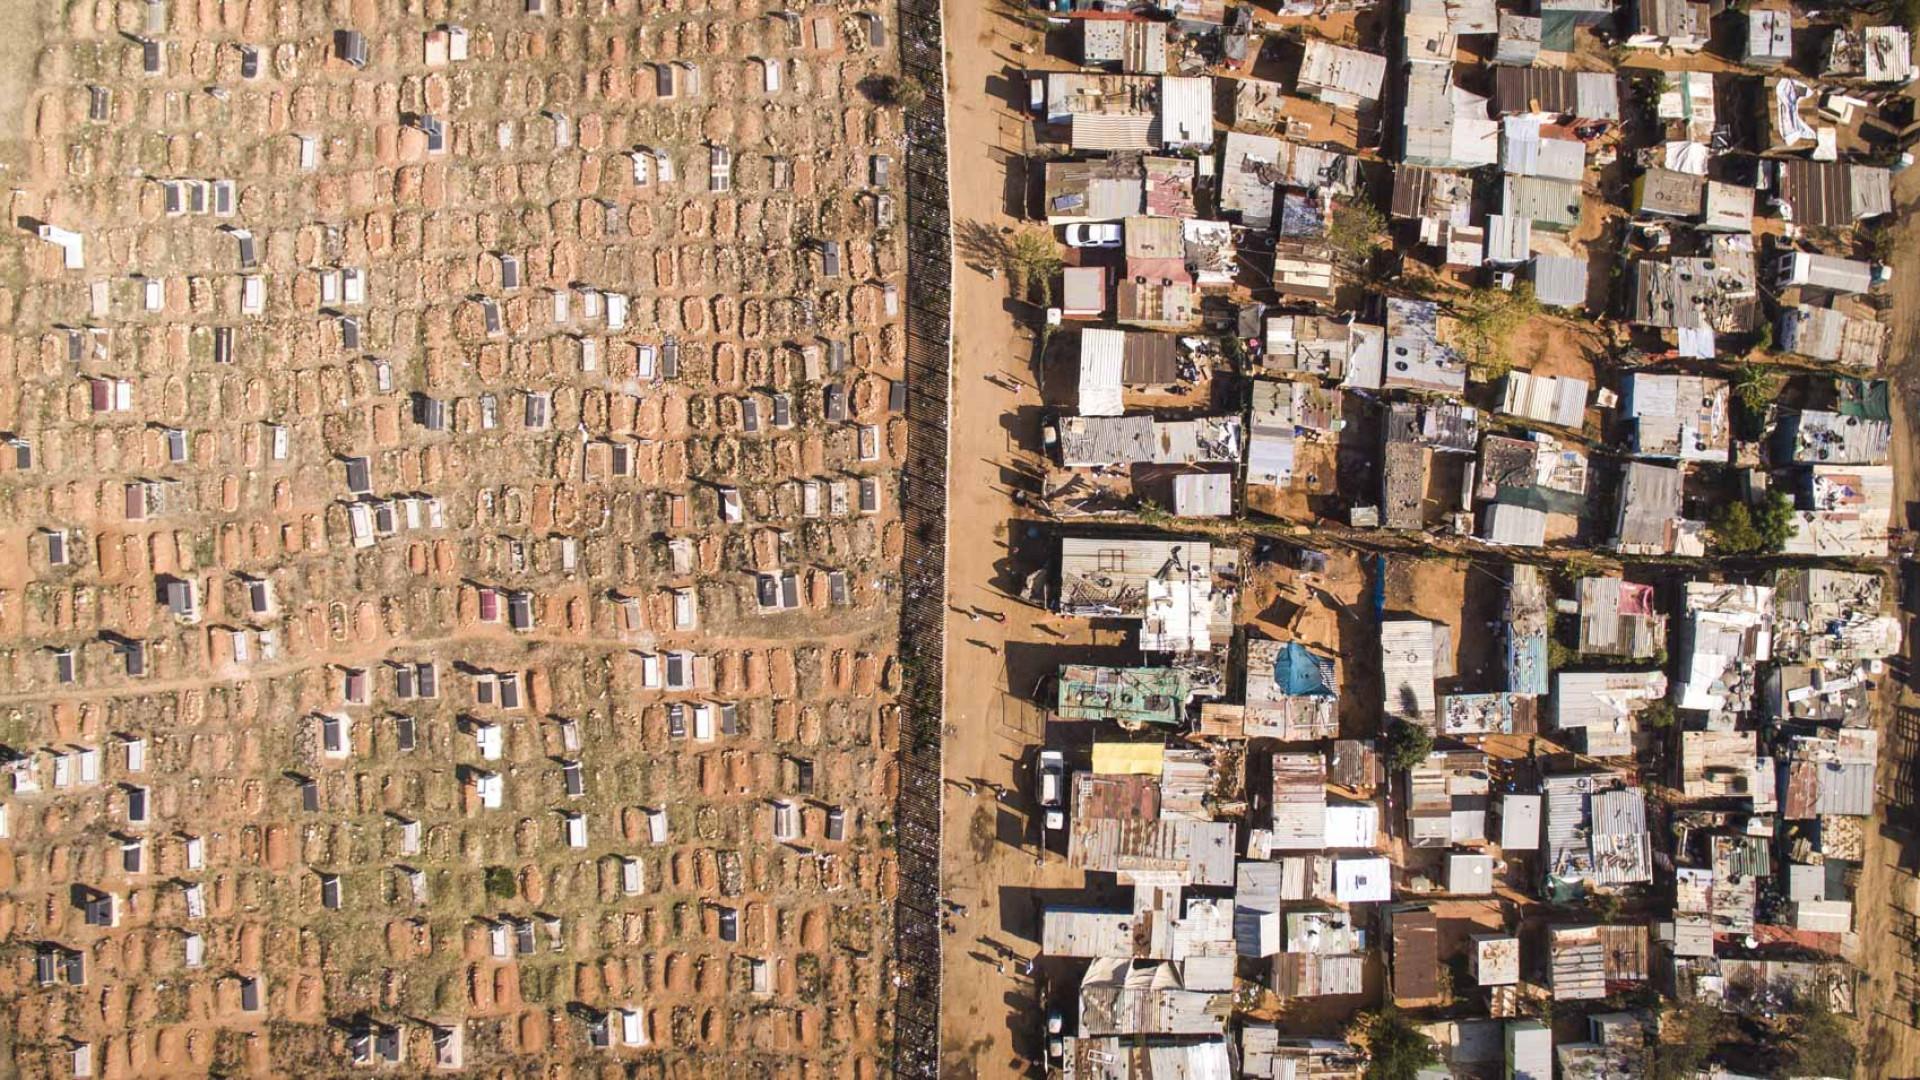 A desigualdade sul-africana vista de cima;  veja as imagens